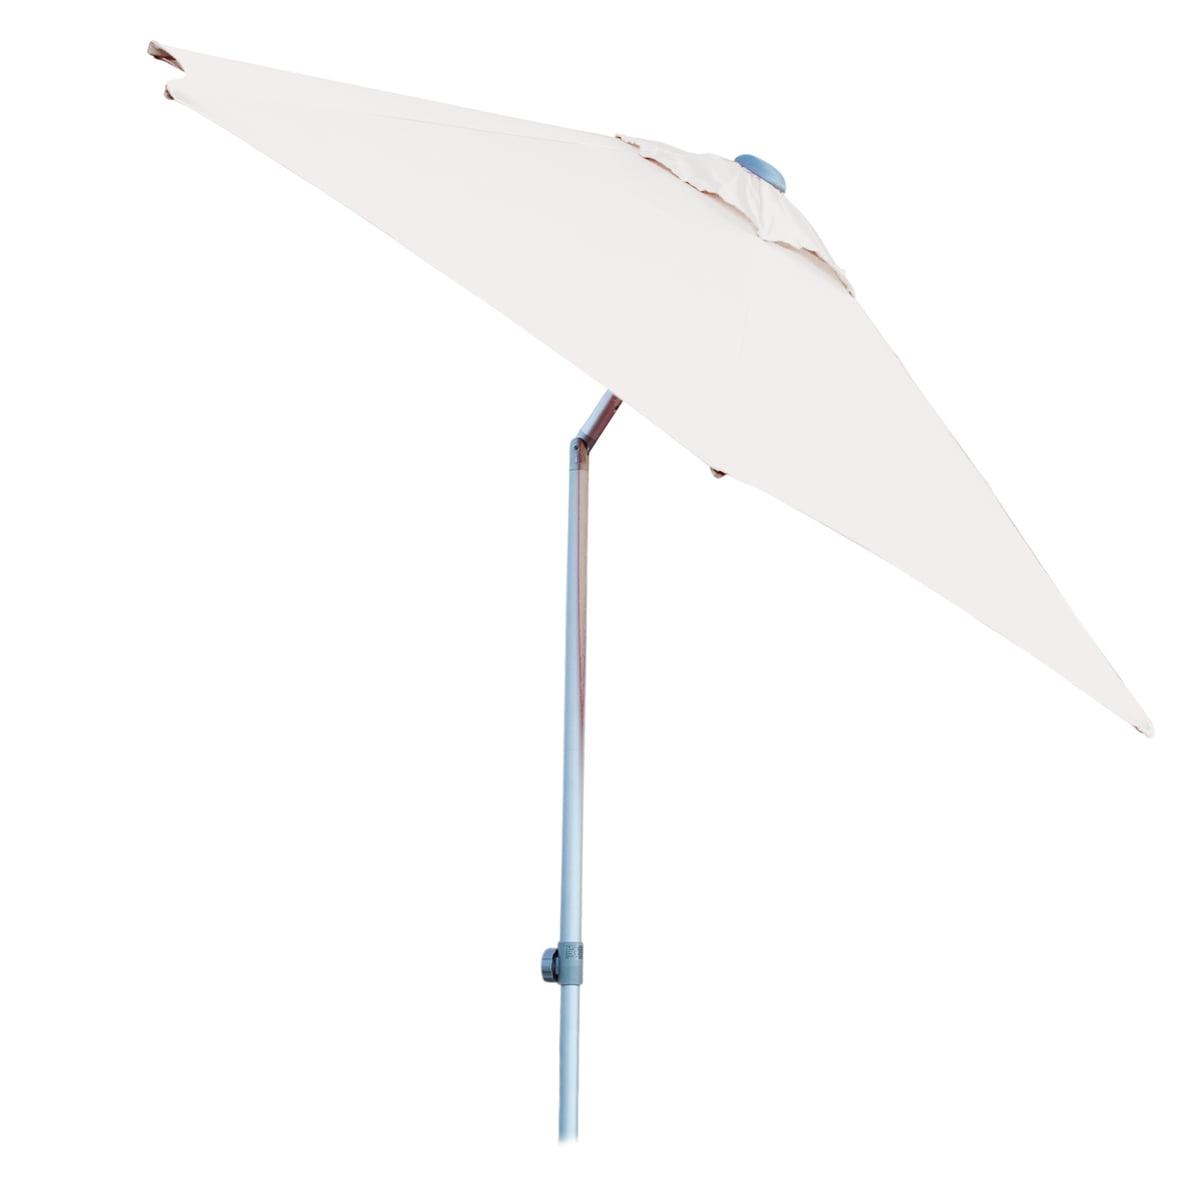 Elba Sonnenschirm, rund, Ø 300 cm, weiß